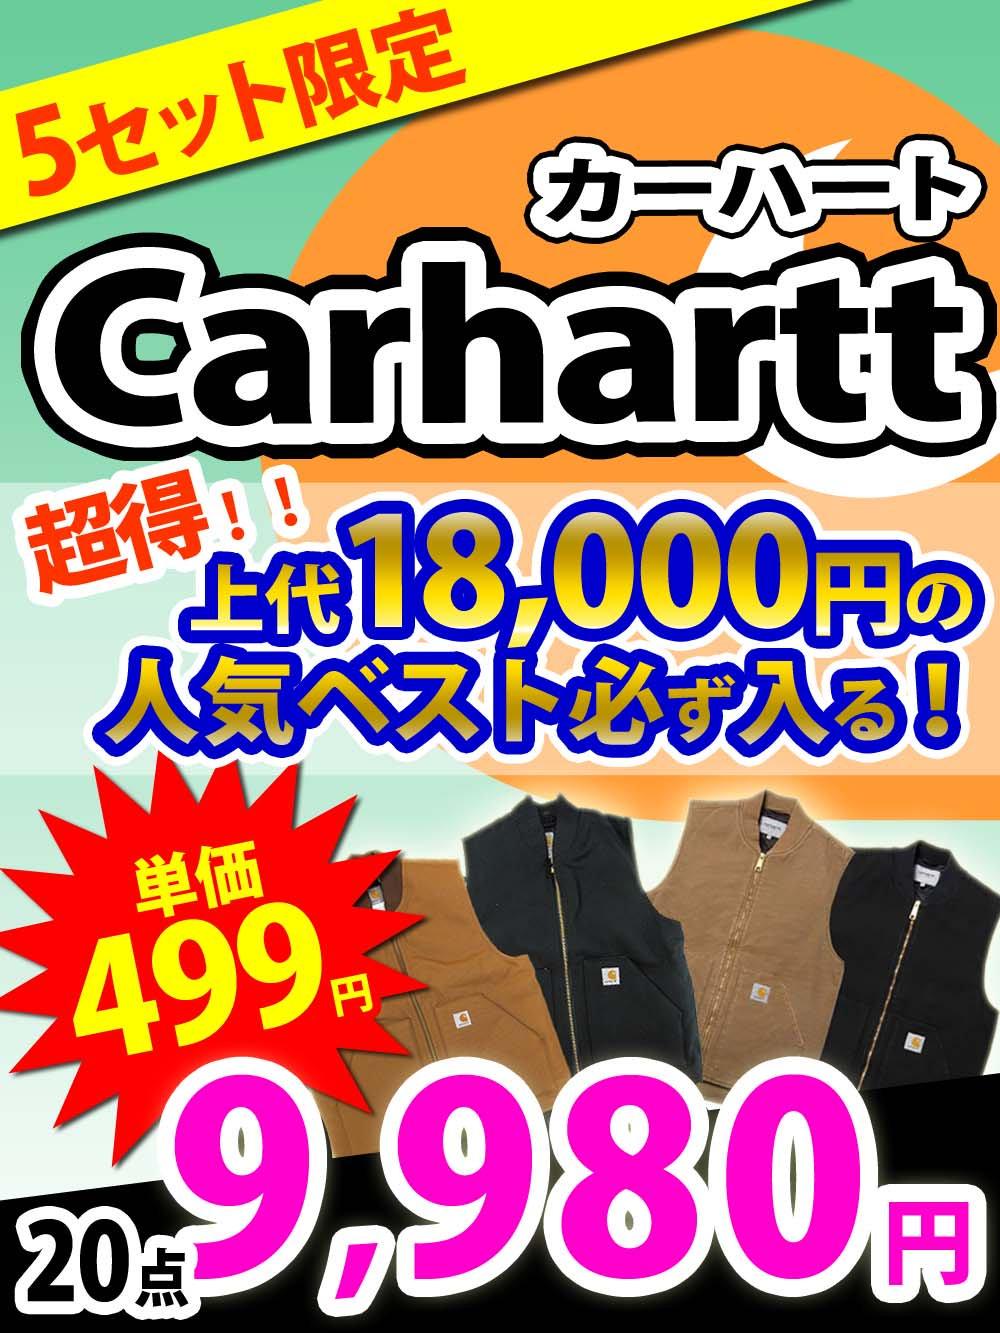 【5セット限定追加!Carhartt(カーハート)】上代18000円の人気ベスト確定【20点】@499